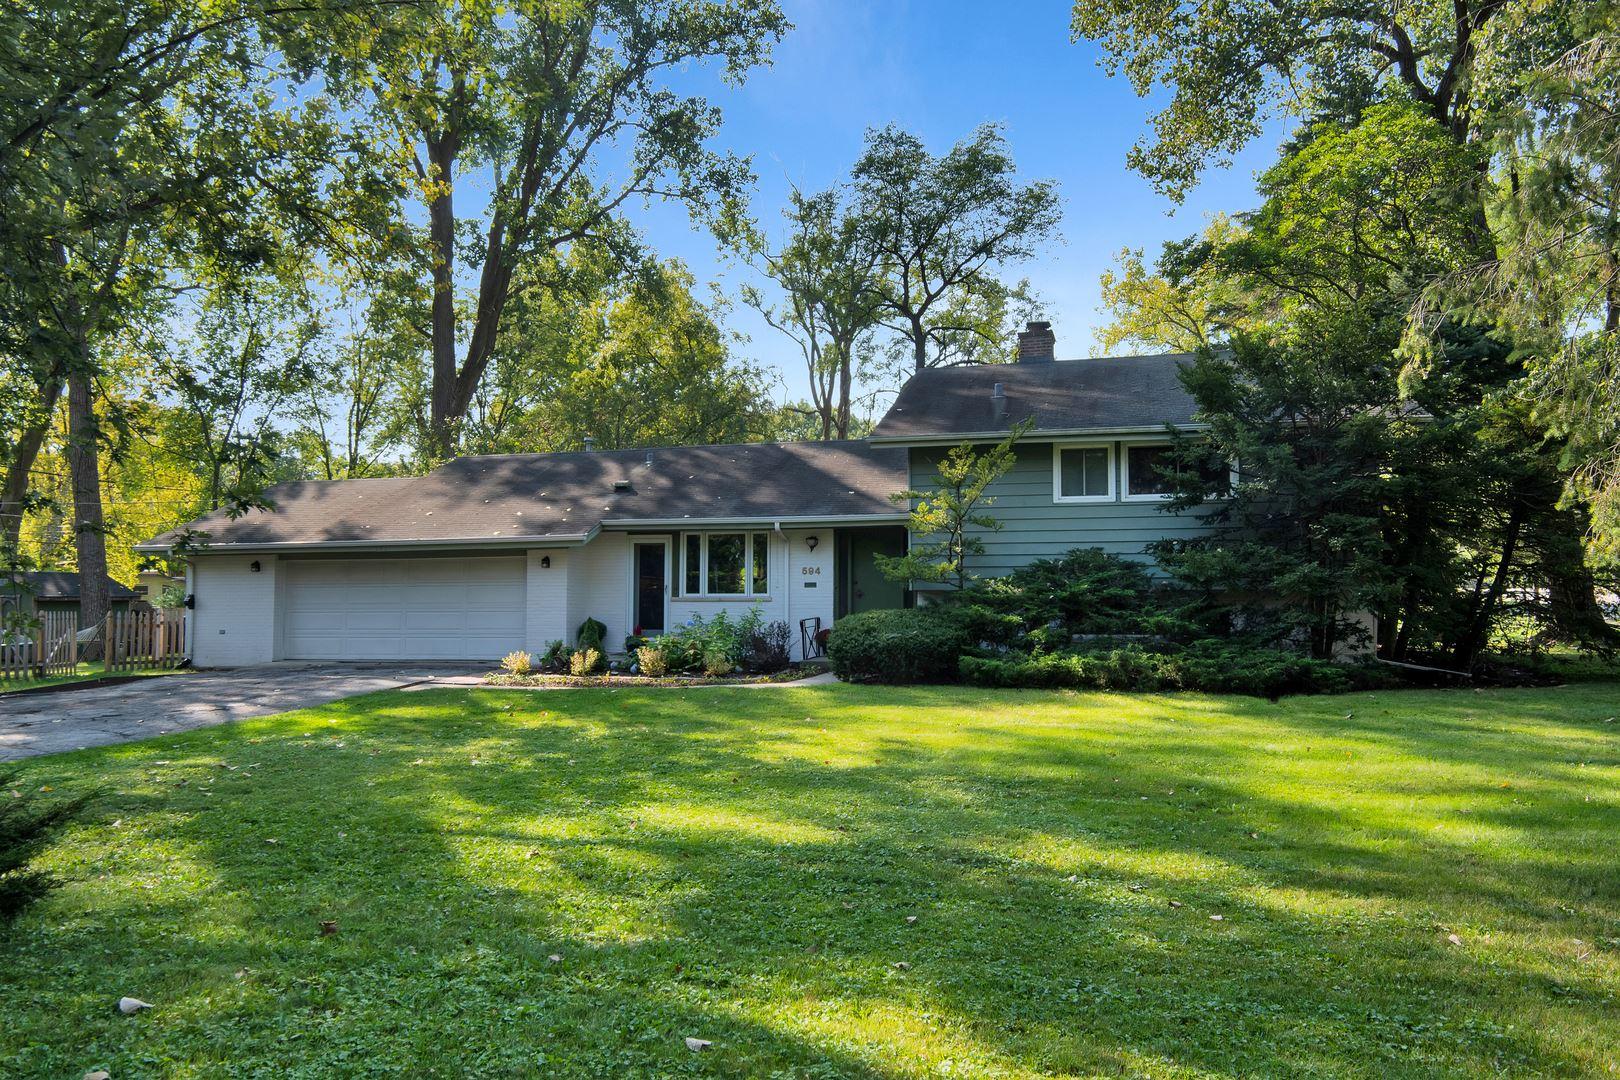 594 Audubon Place, Highland Park, IL 60035 - #: 11224774